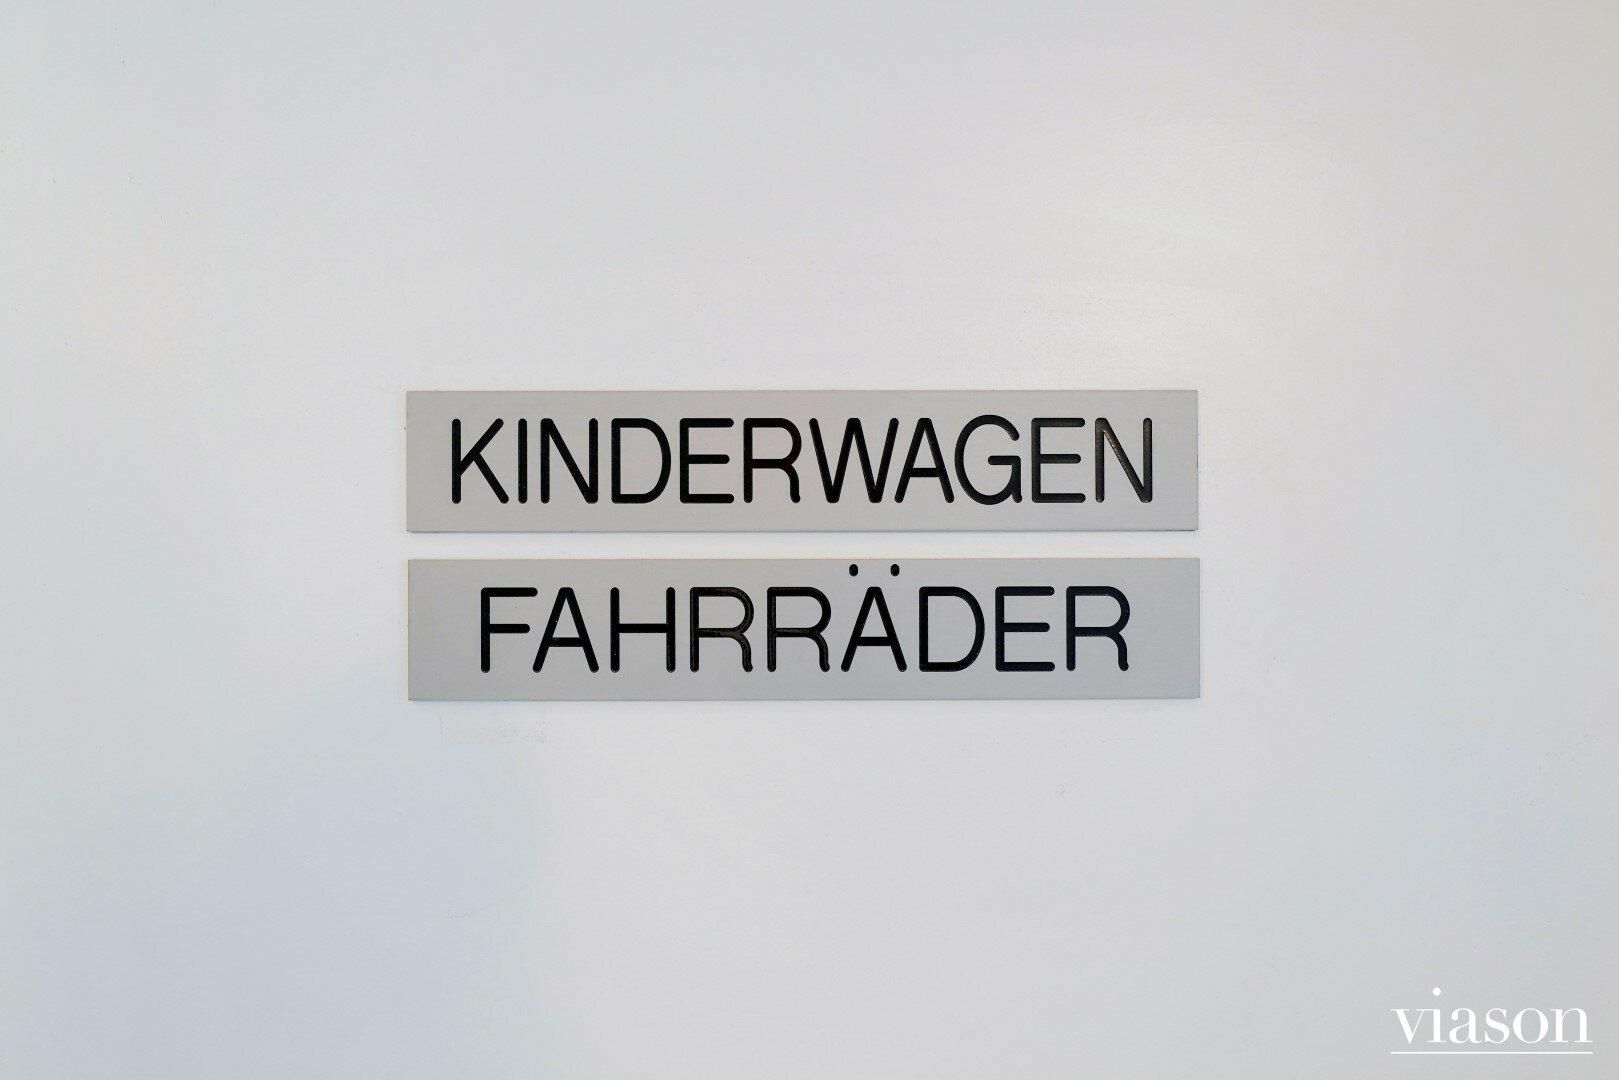 Kinderwagen & Fahrradraum